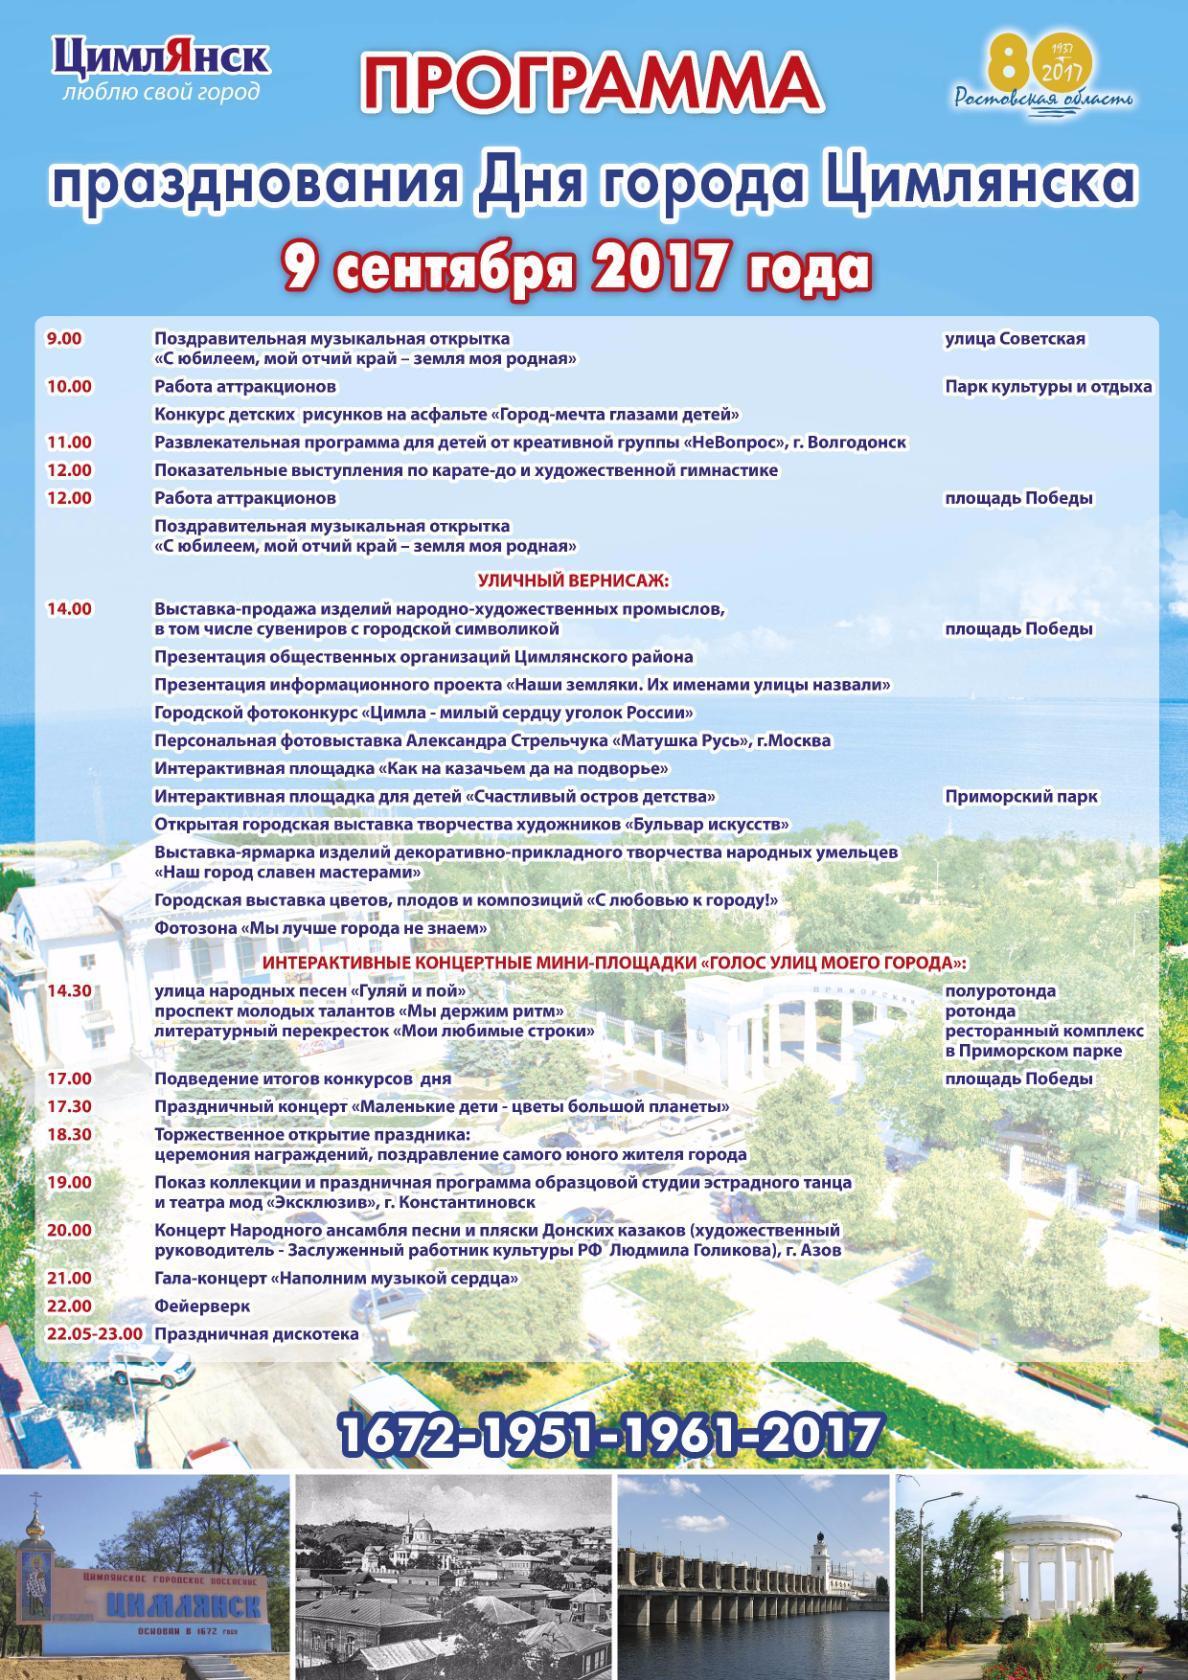 День города Цимлянска 9 сентября 2017 года - программа мероприятий, когда салют.